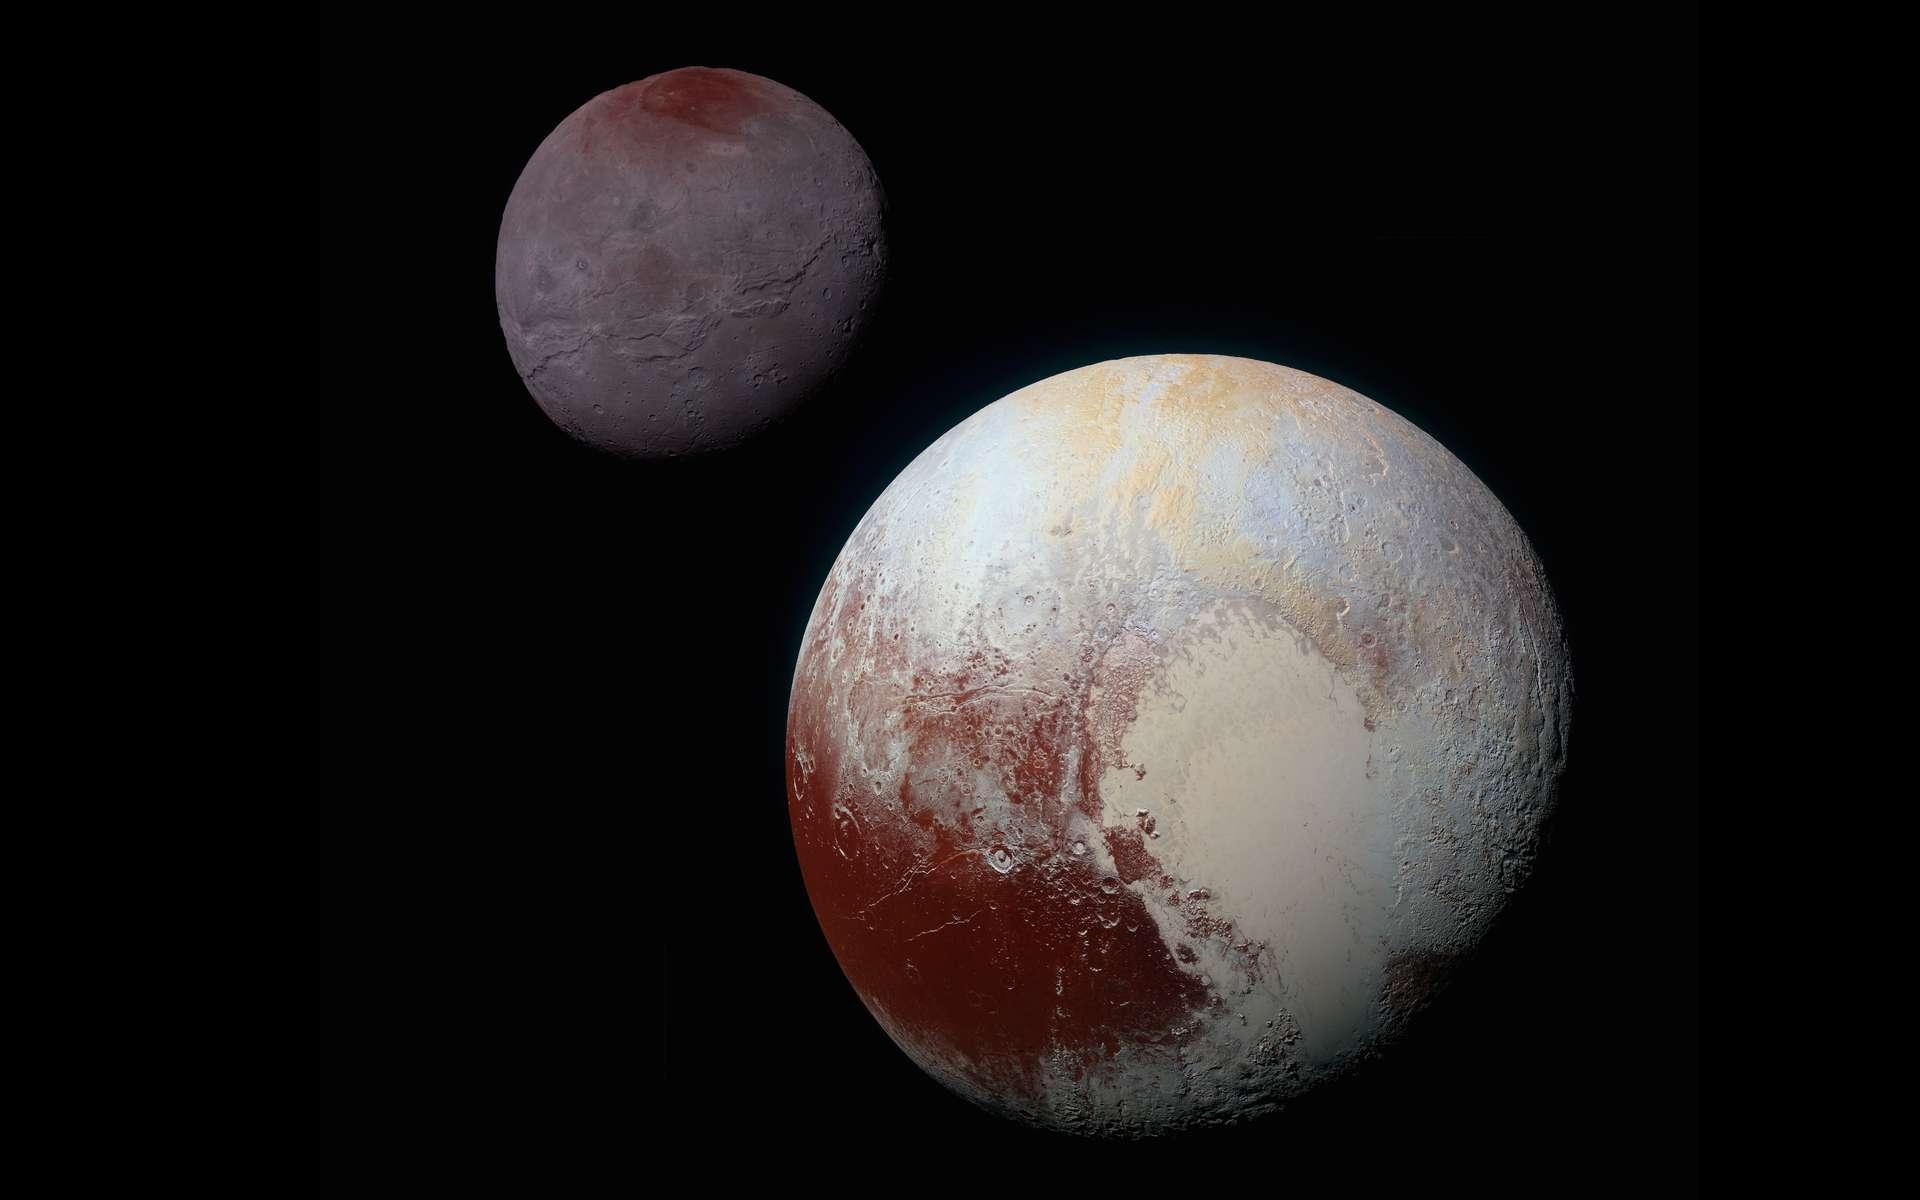 Sur cette image composite de New Horizons, on peut apprécier les différentes caractéristiques physiques des deux grands corps de ce système binaire : Pluton (en bas) et Charon (en haut). La planète naine arbore des reliefs — notamment dans ce grand Cœur et ses alentours — témoignant d'une dynamique insoupçonnée jusqu'à la visite de la sonde, le 14 juillet 2015. © Nasa, SwRI, JHUAPL